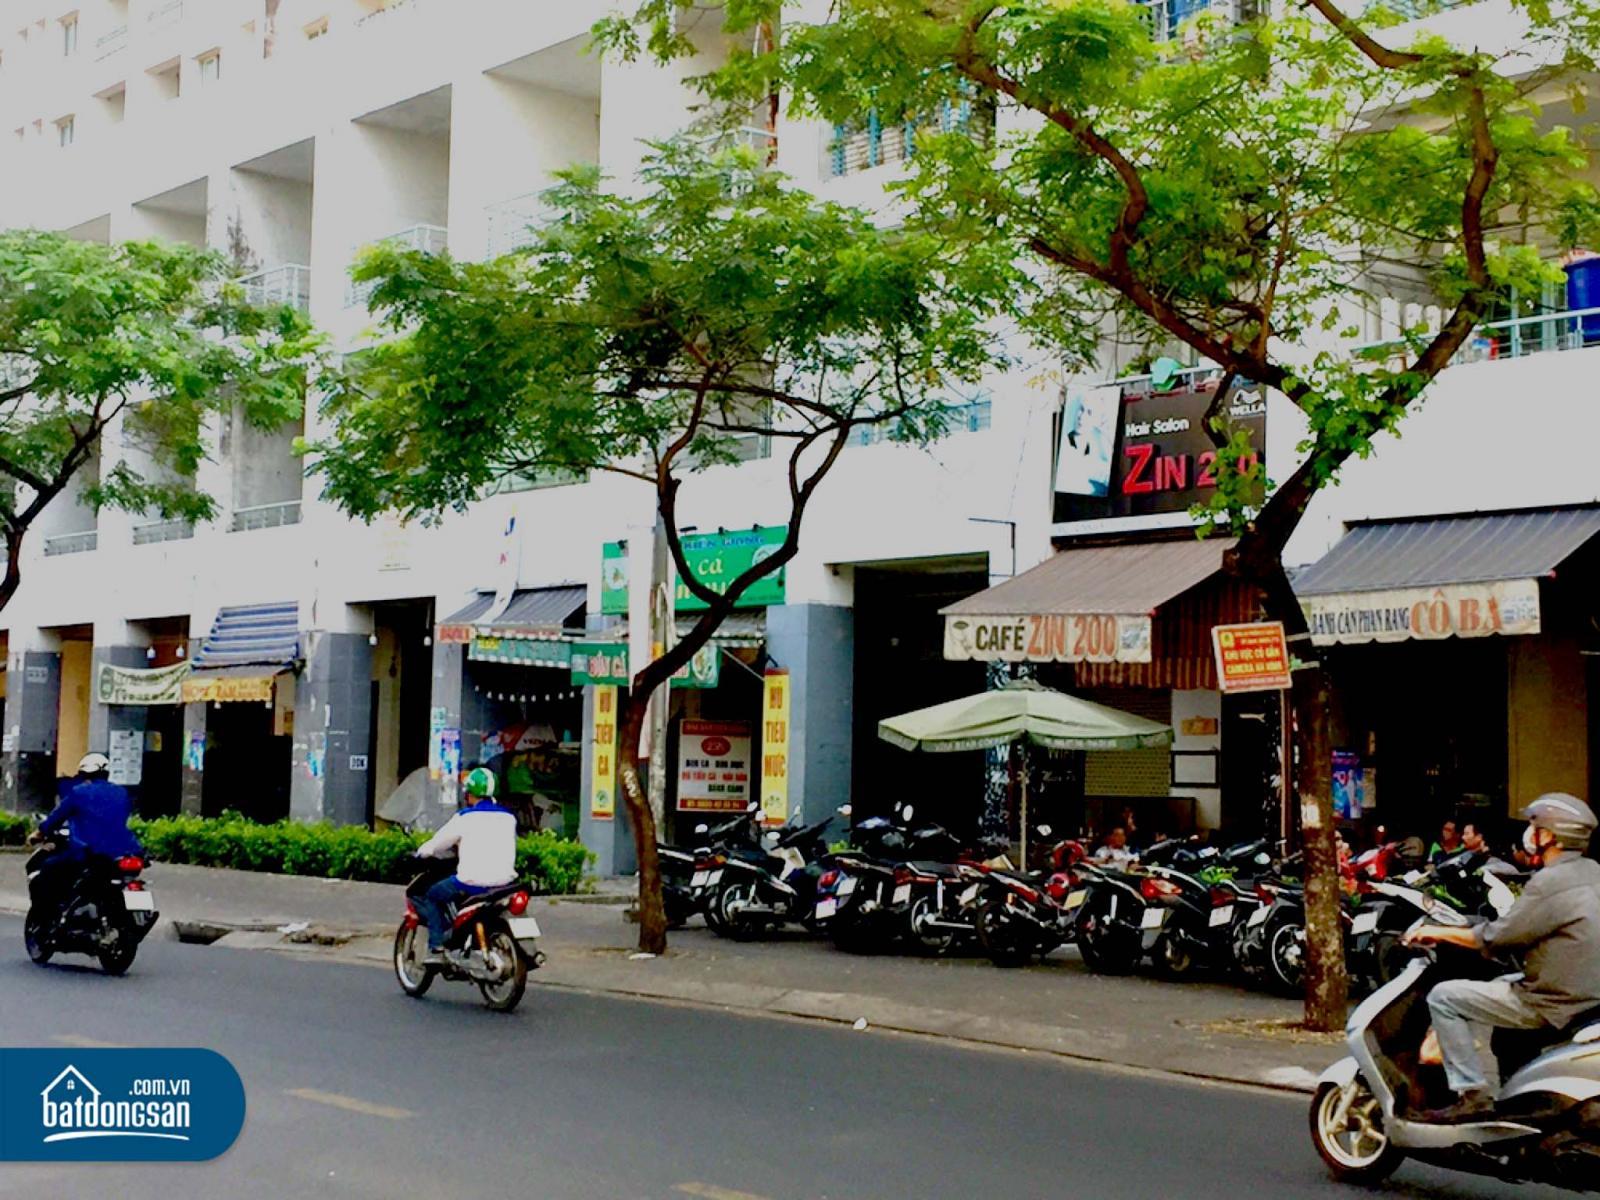 Dãy nhà phố thương mại trên đường phố Sài Gòn